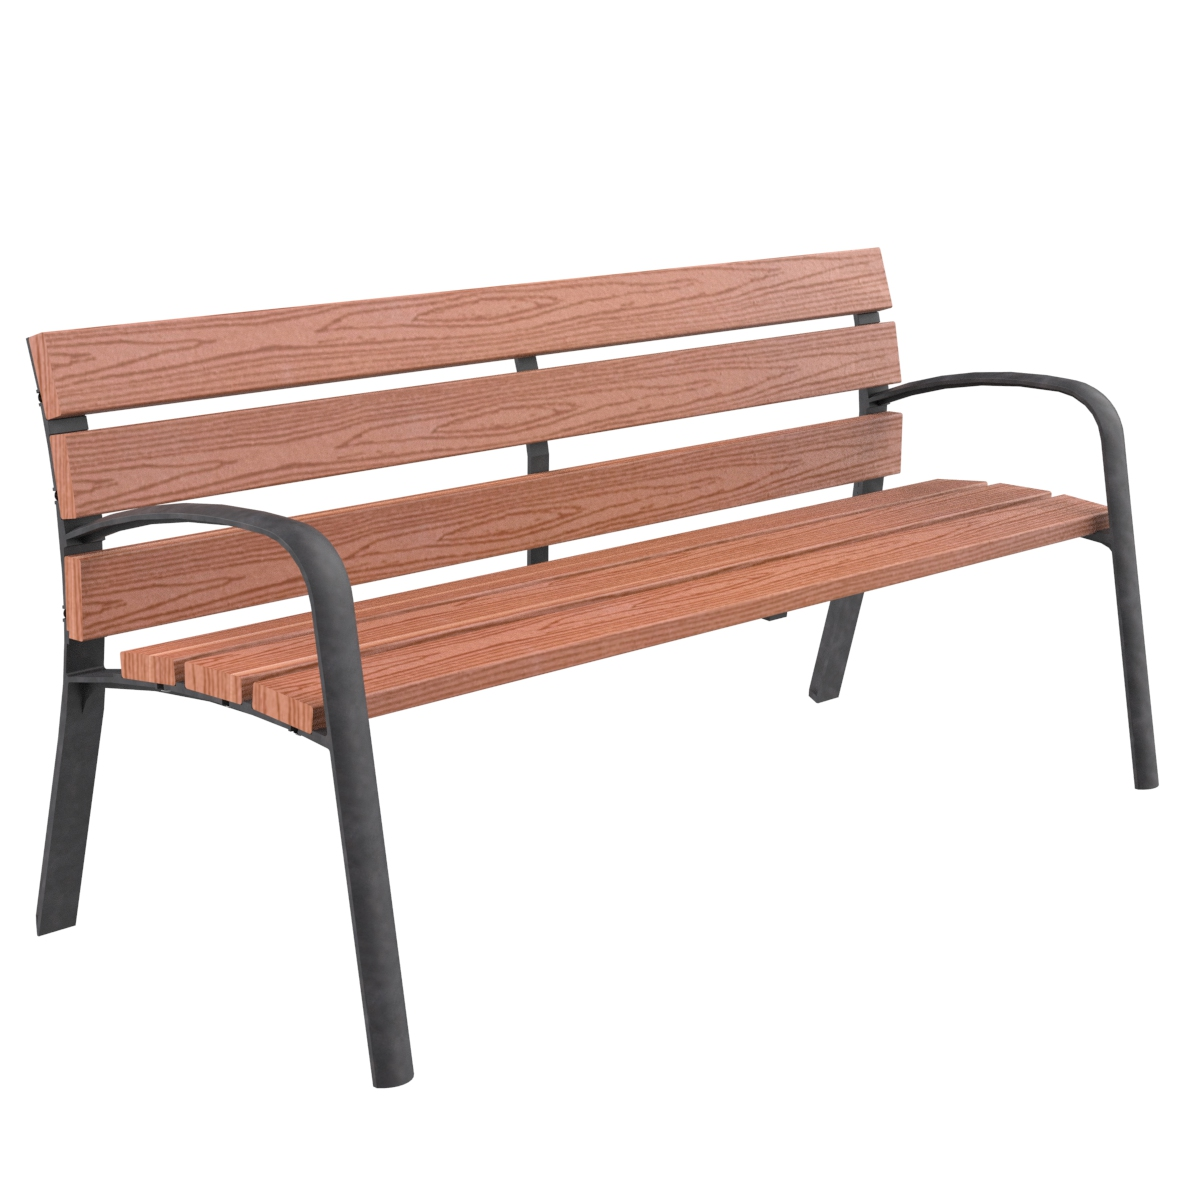 Banco modo madera tecnica mobiliario urbano parques y for Mobiliario urbano tipos